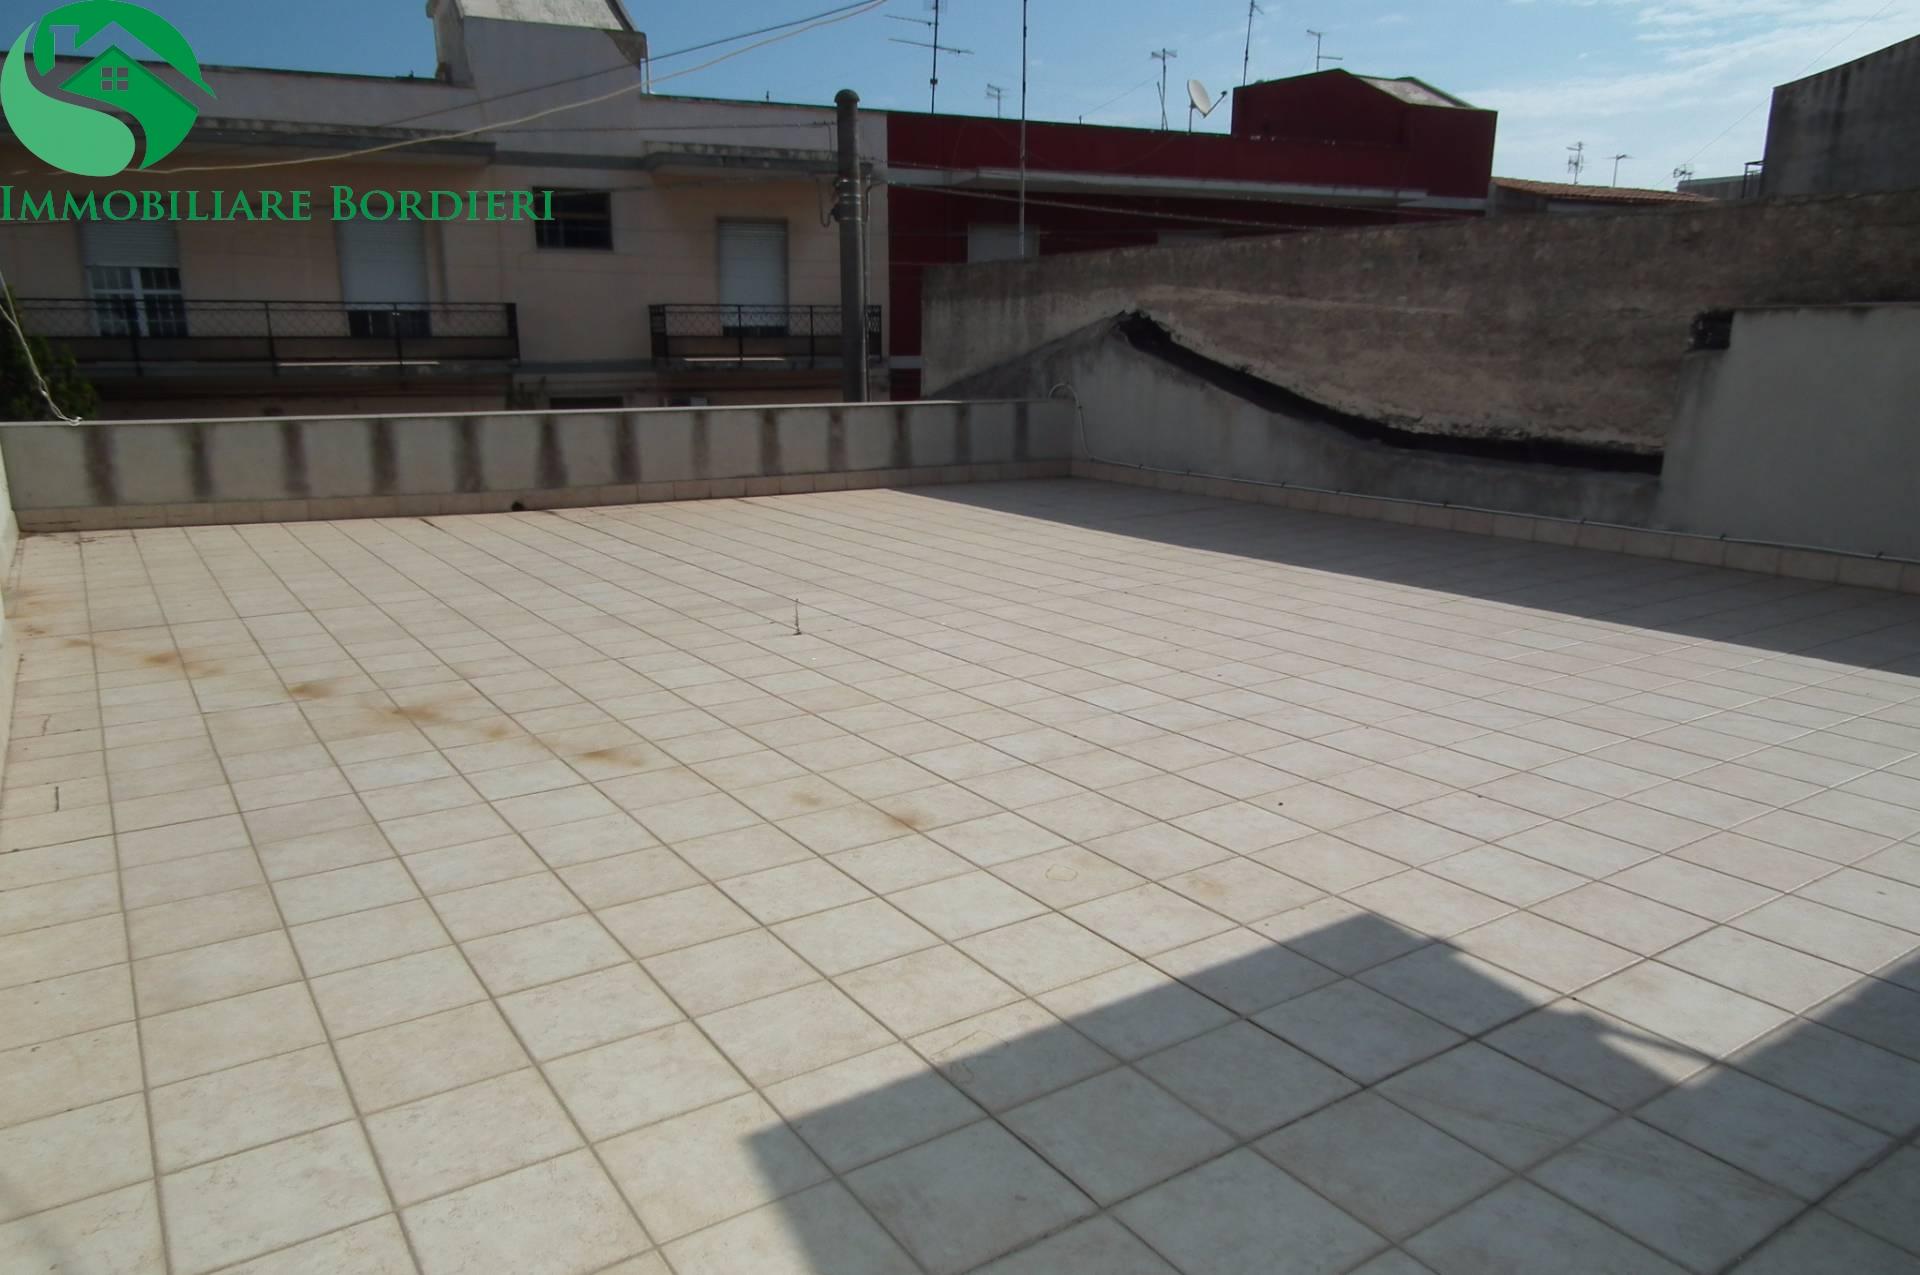 Soluzione Indipendente in vendita a Siracusa, 6 locali, zona Zona: Belvedere, prezzo € 110.000 | Cambio Casa.it